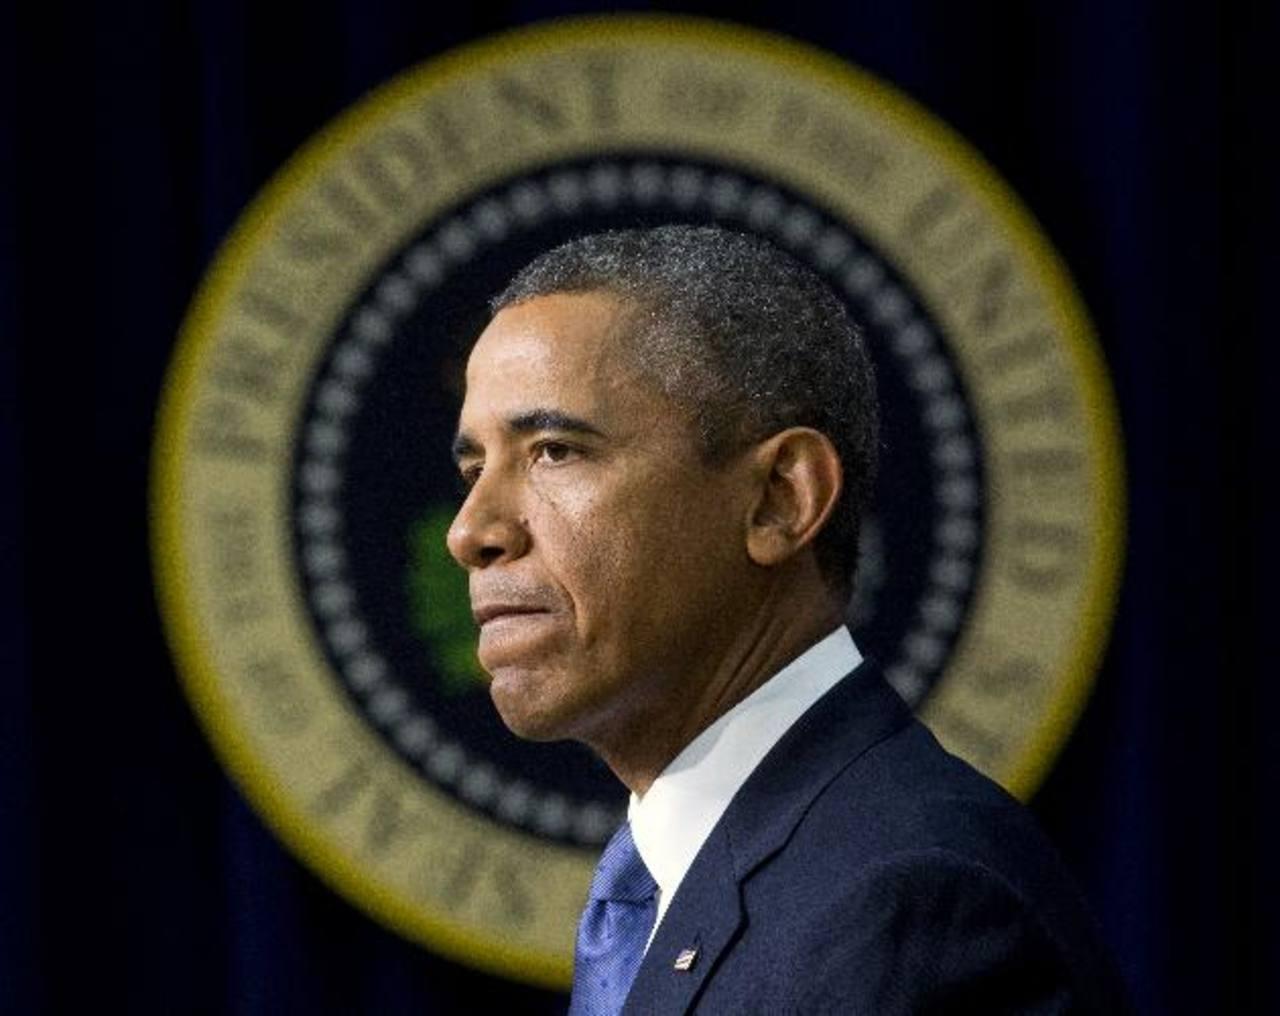 El presidente de los EE.UU., Barack Obama, habla a los medios en la Casa Blanca. foto edh / ap